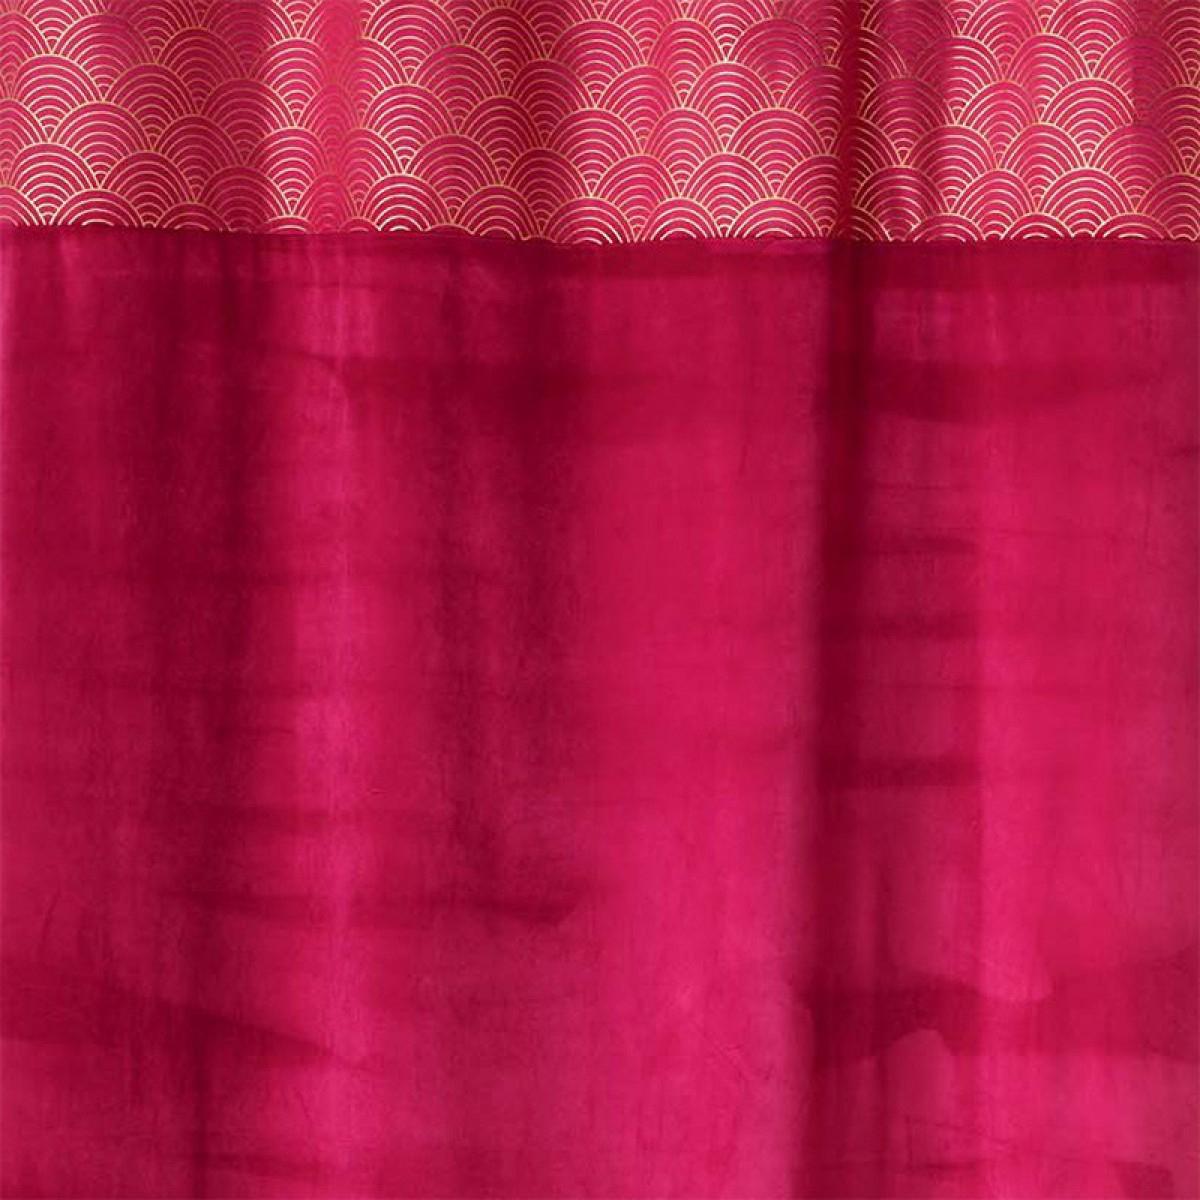 Rideau À Oeillets 140X240 Cm Duchesse Framboise - Les destiné Rideau Framboise